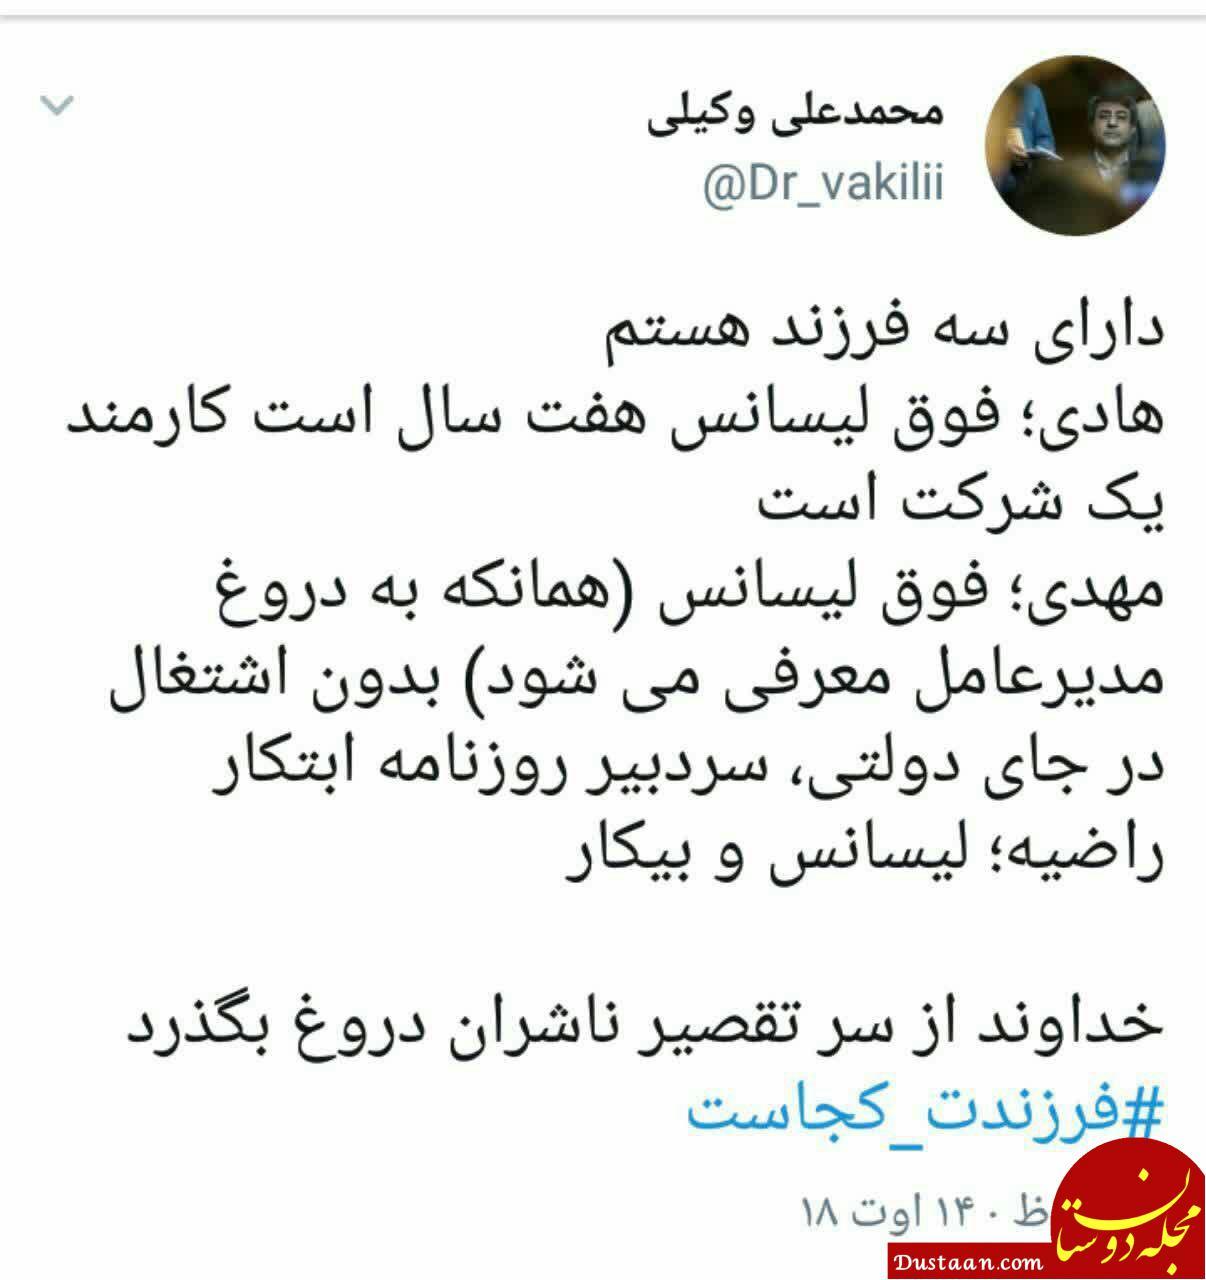 www.dustaan.com فرزندان محمدعلی وکیلی، نماینده تهران کجا هستند؟